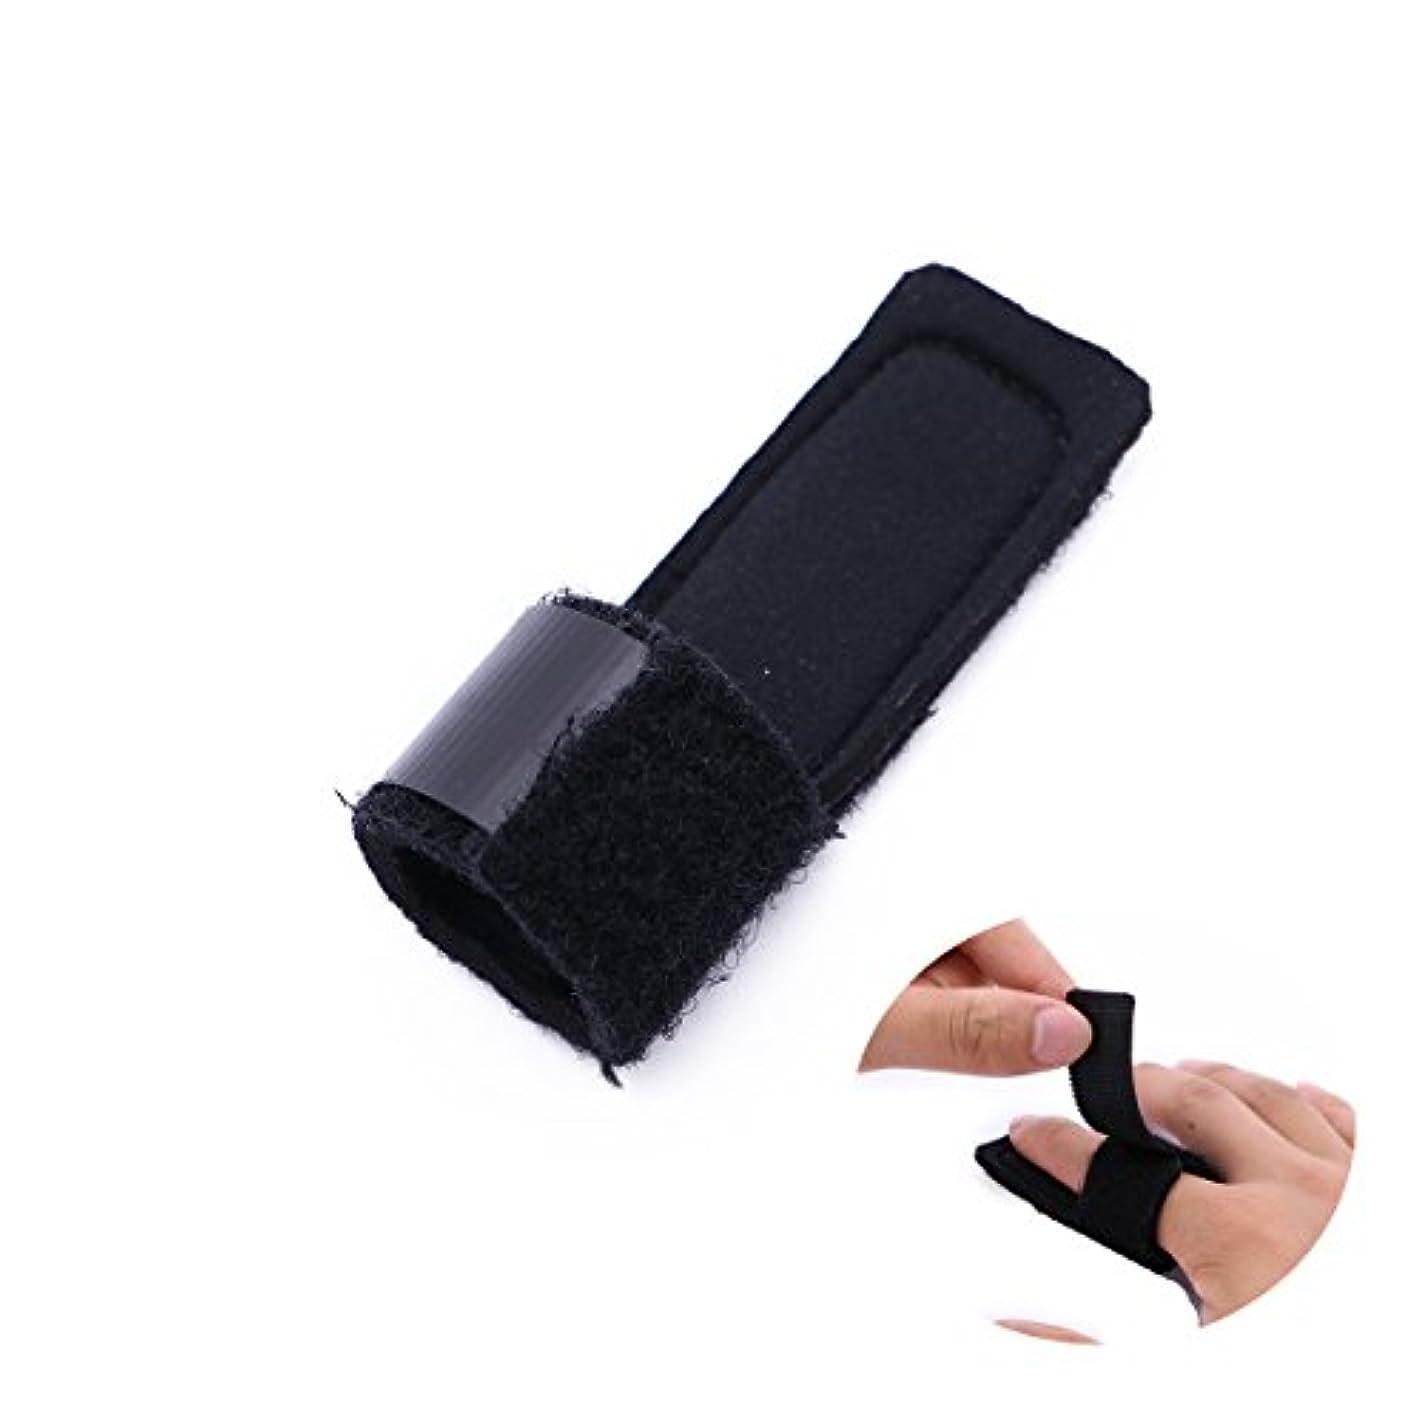 甲虫コントロール何もないSUPVOX 指の添え木マレット指の支柱の引き金のための骨折の接合箇所の添え木プロテクター